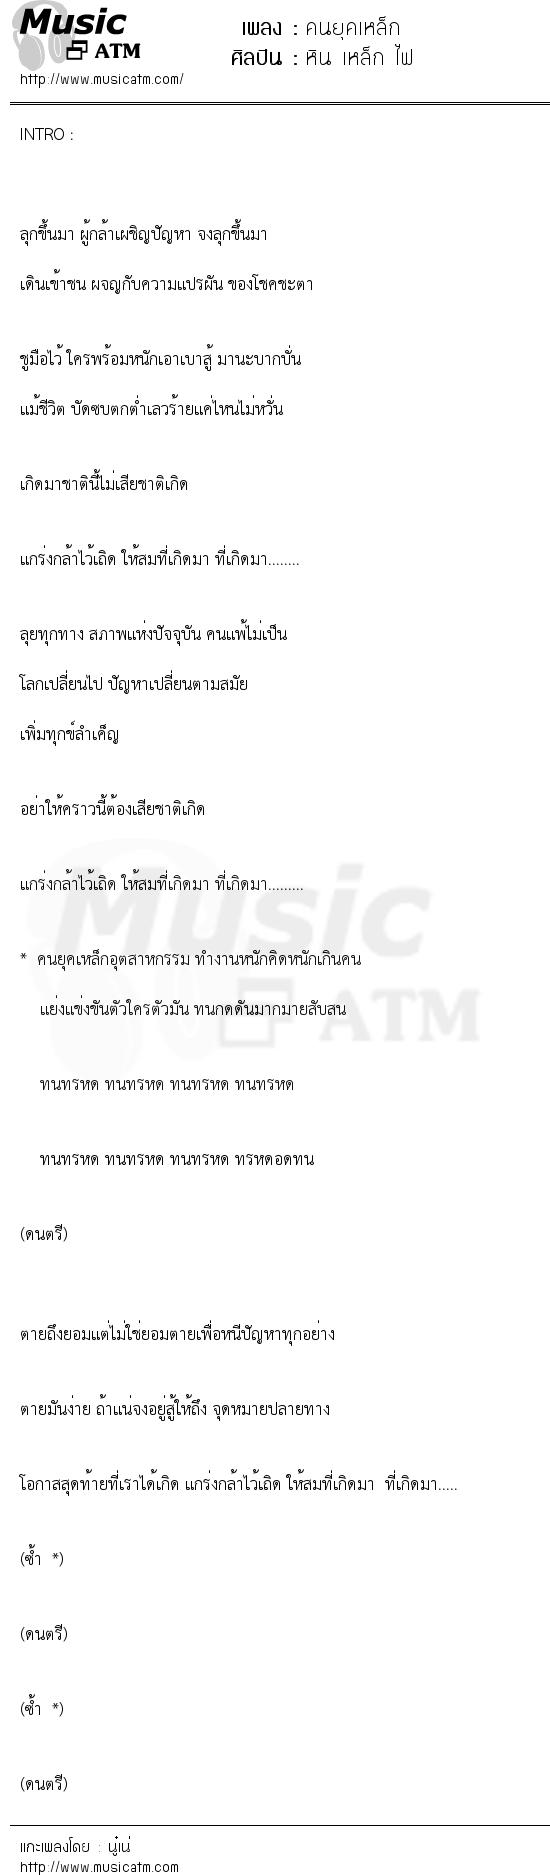 คนยุคเหล็ก | เพลงไทย